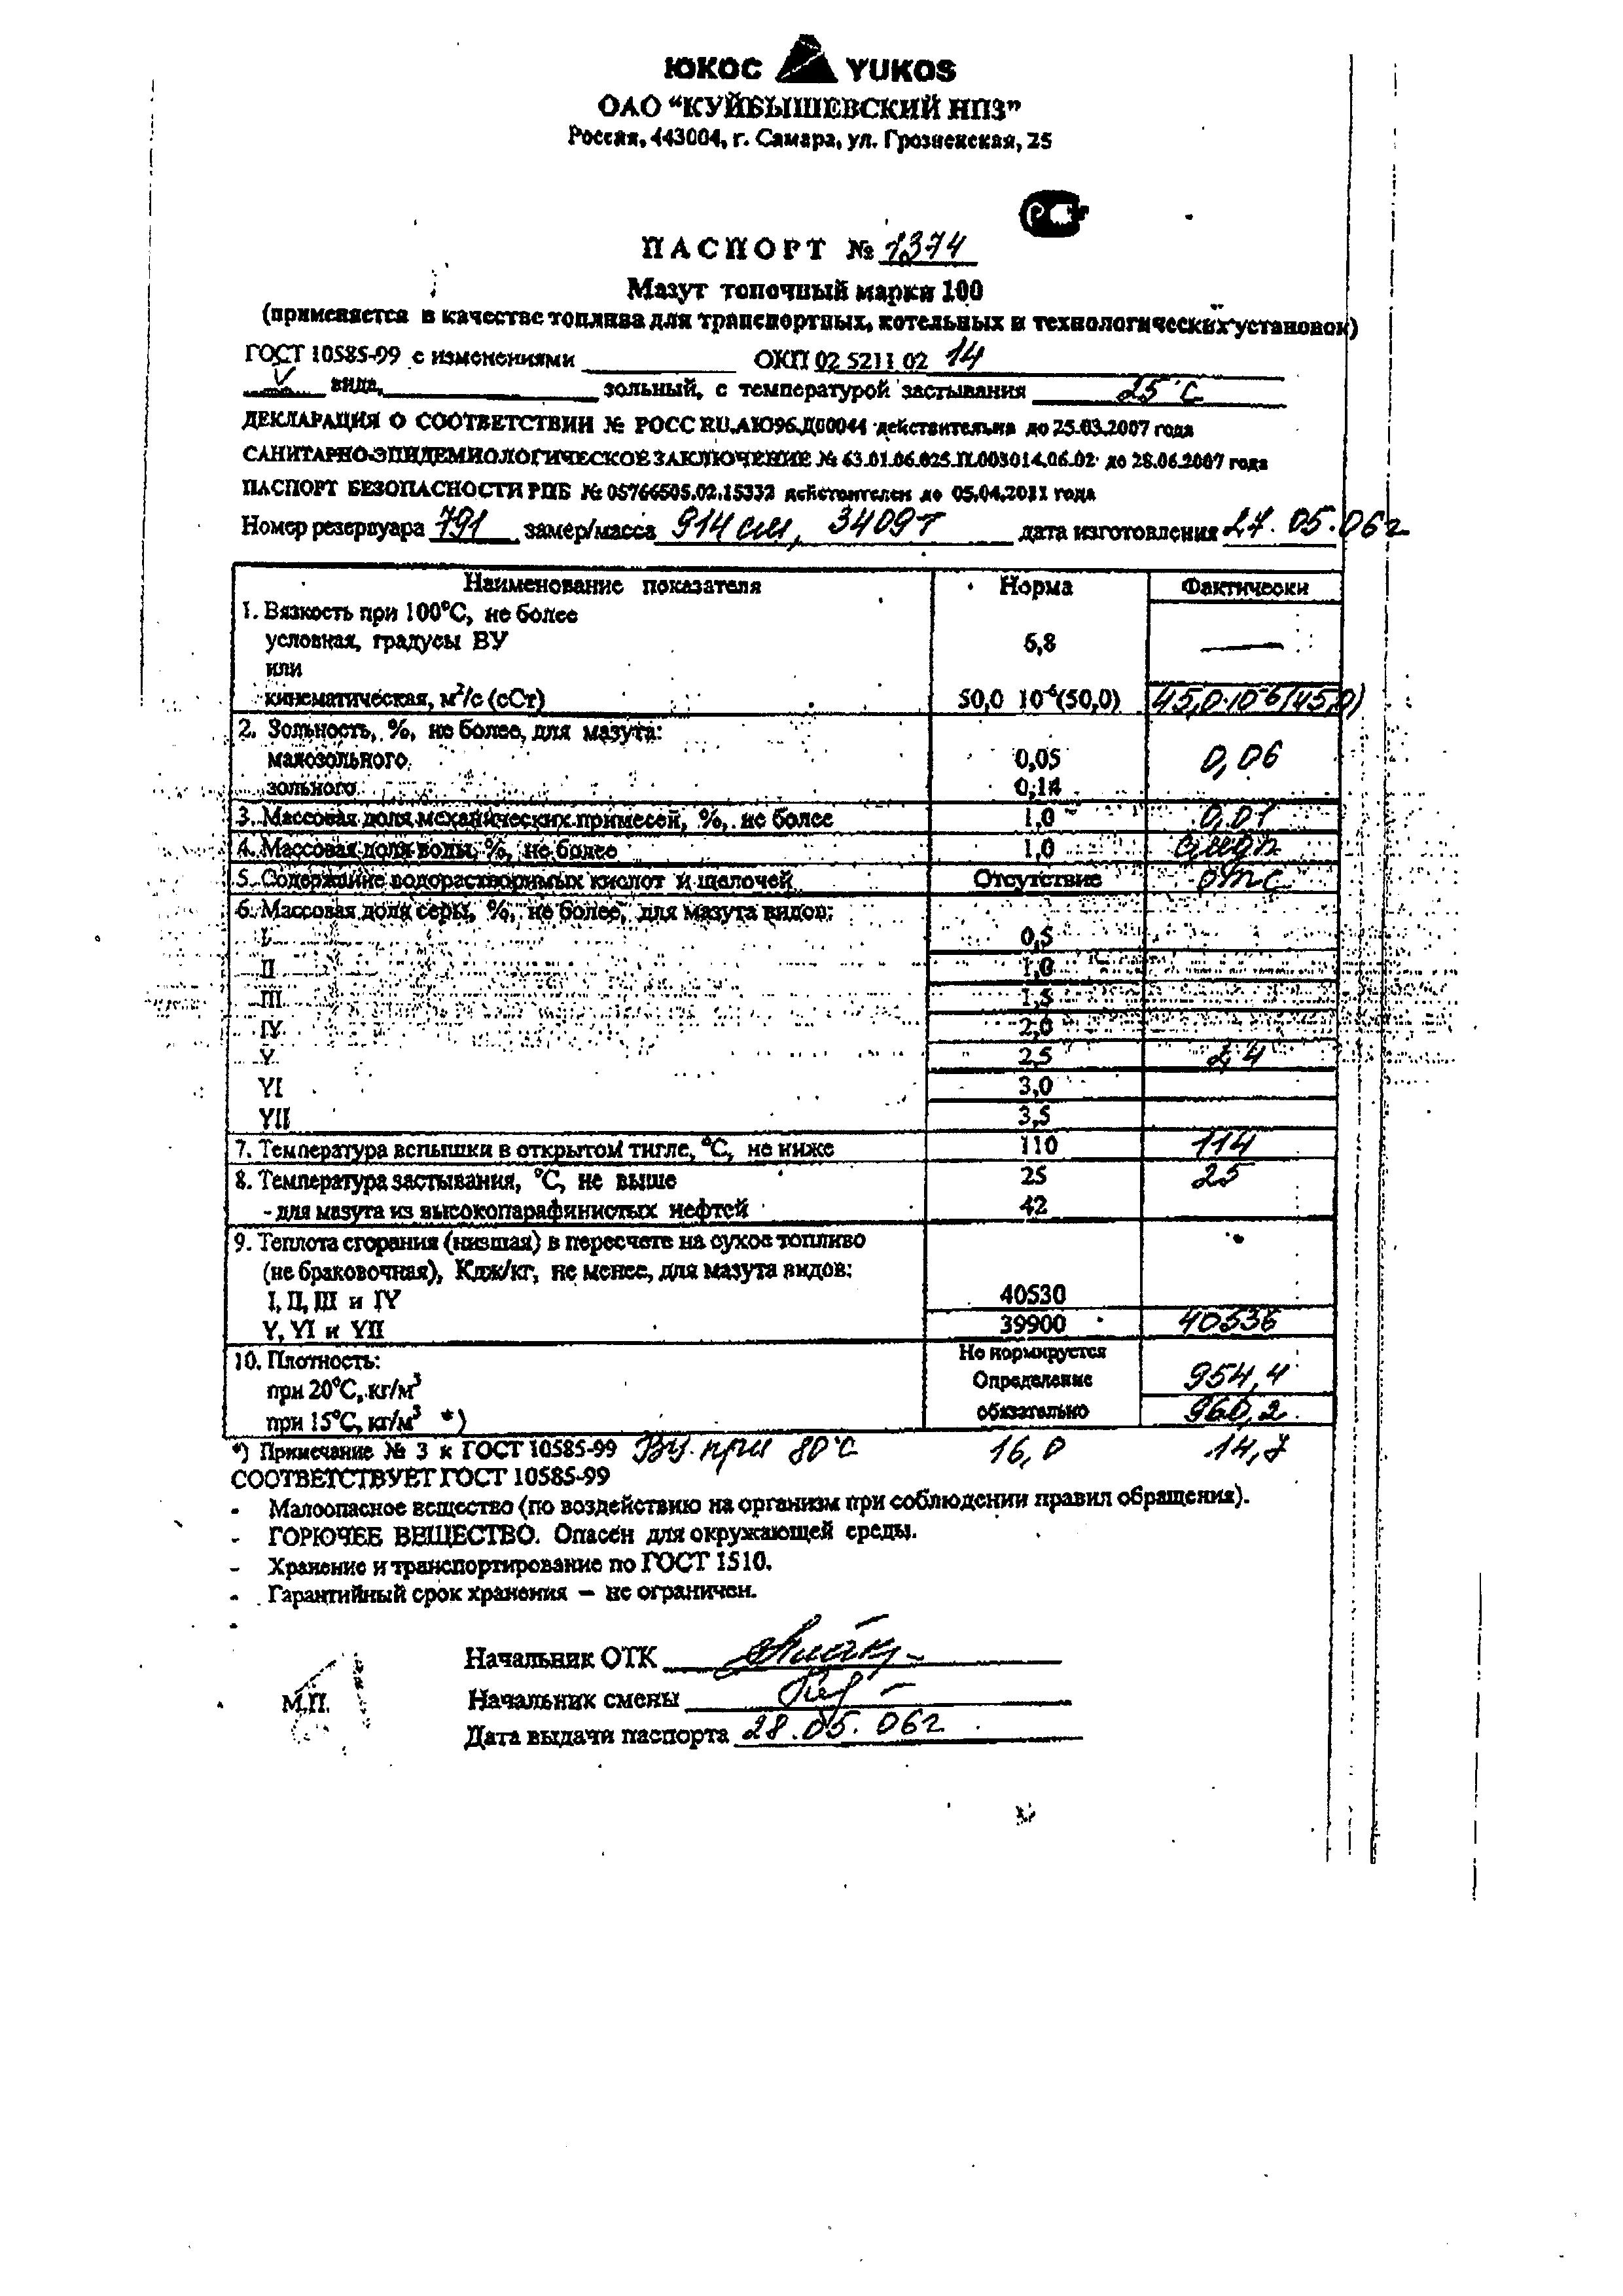 Мазут марки м-100 (гост 10585-99) / промышленная химия.